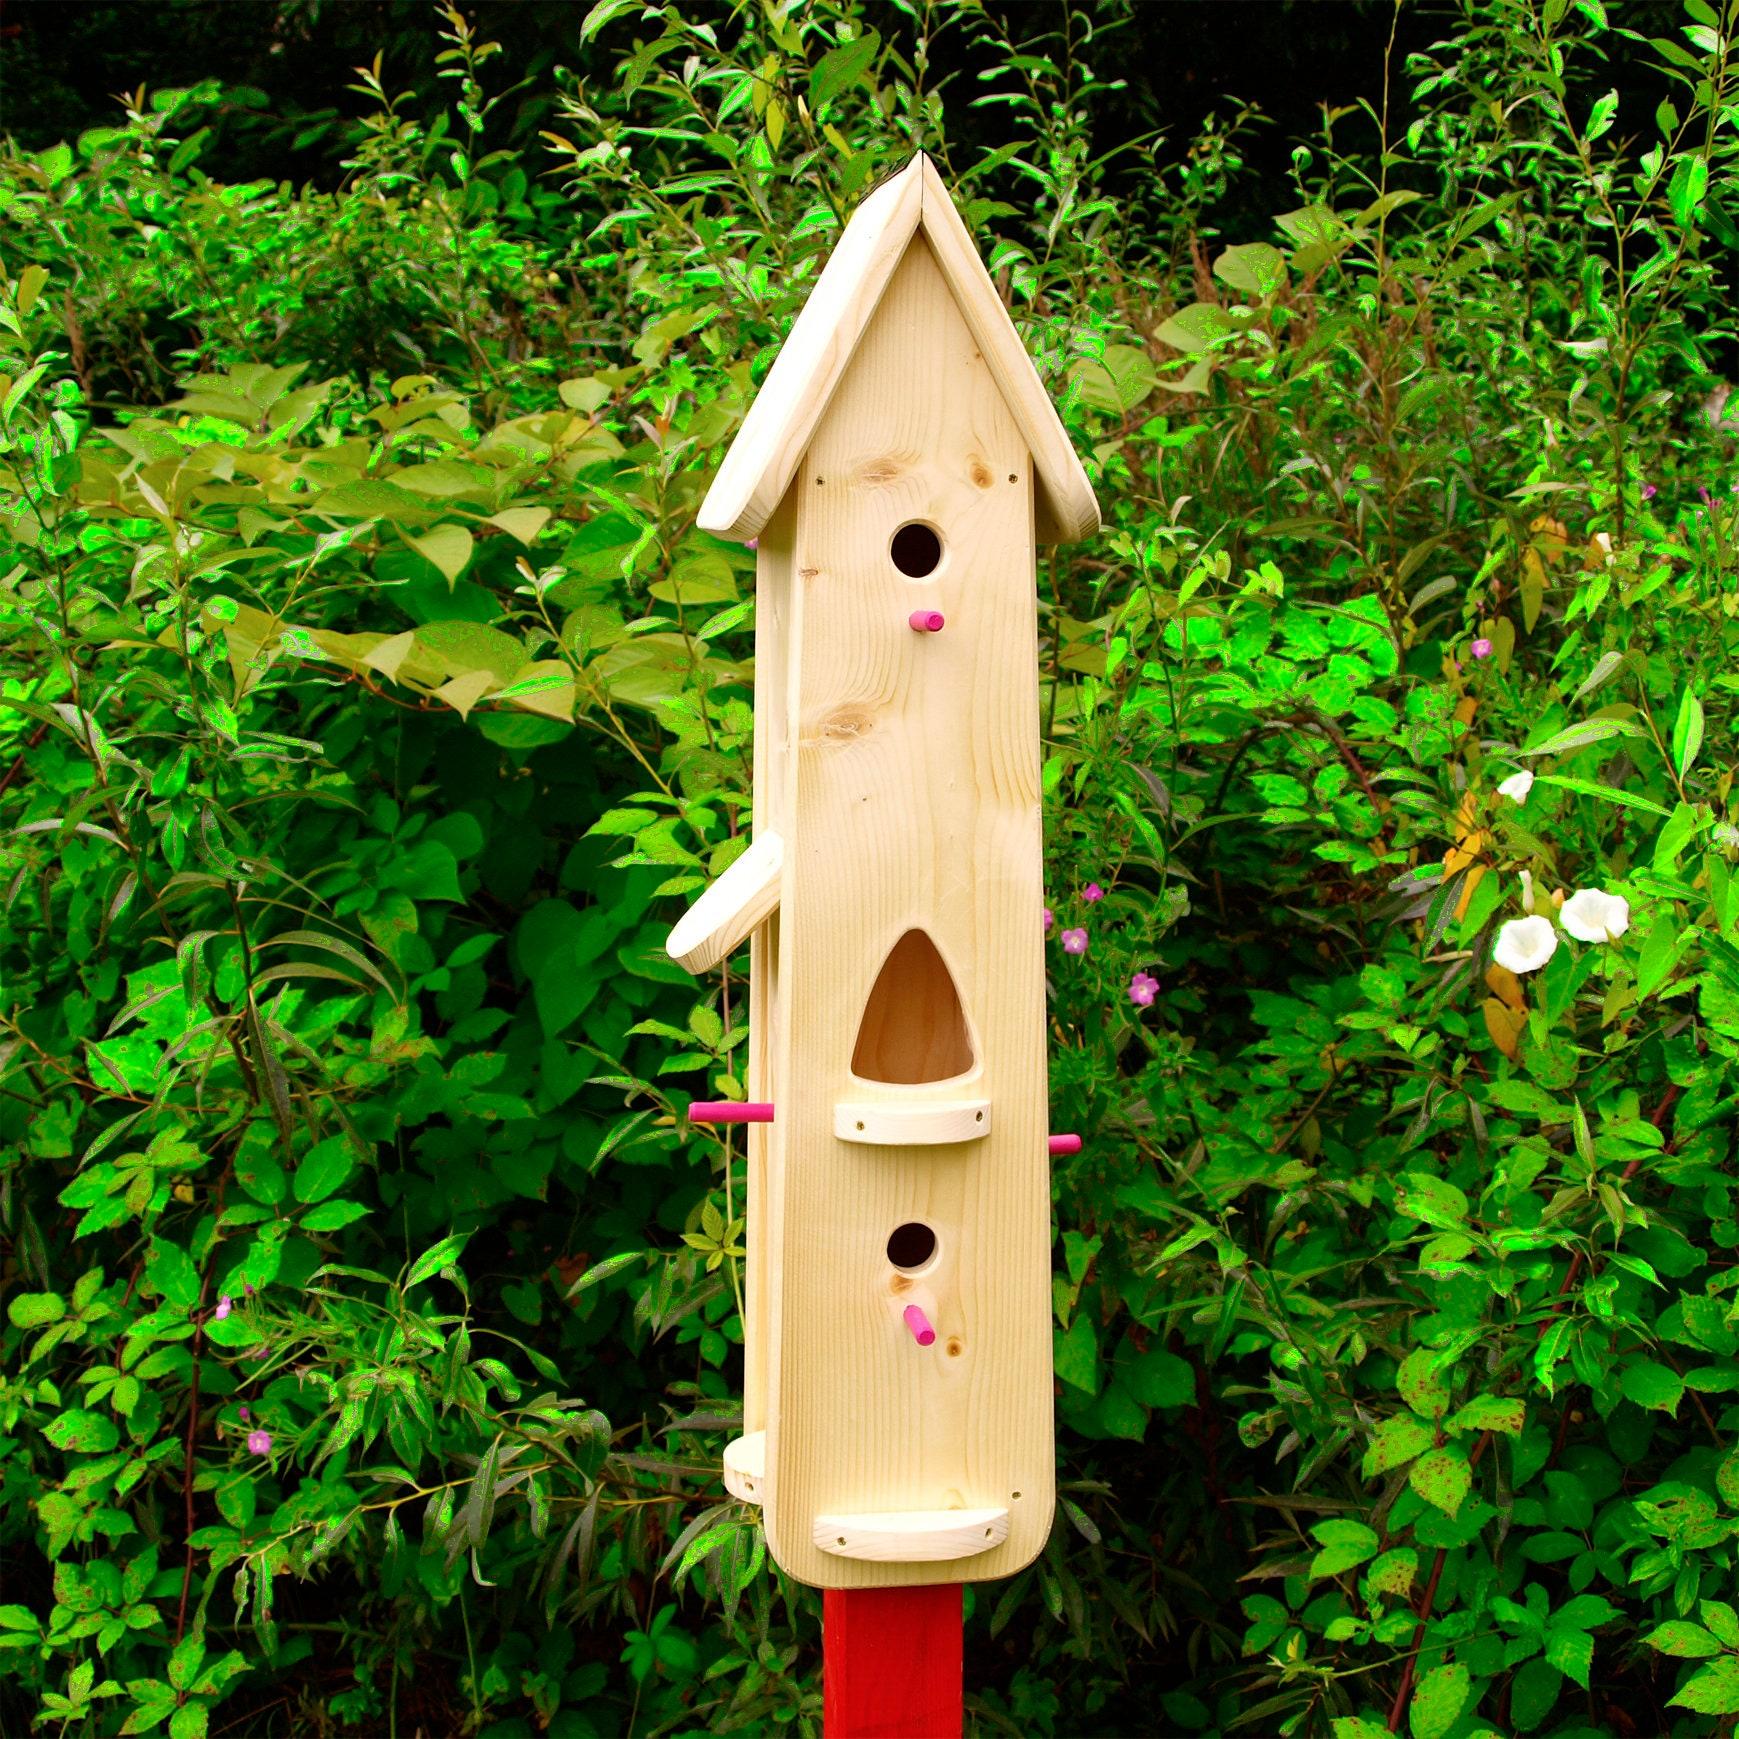 vogelhaus zum selber bemalen vogelhaus bauen | etsy